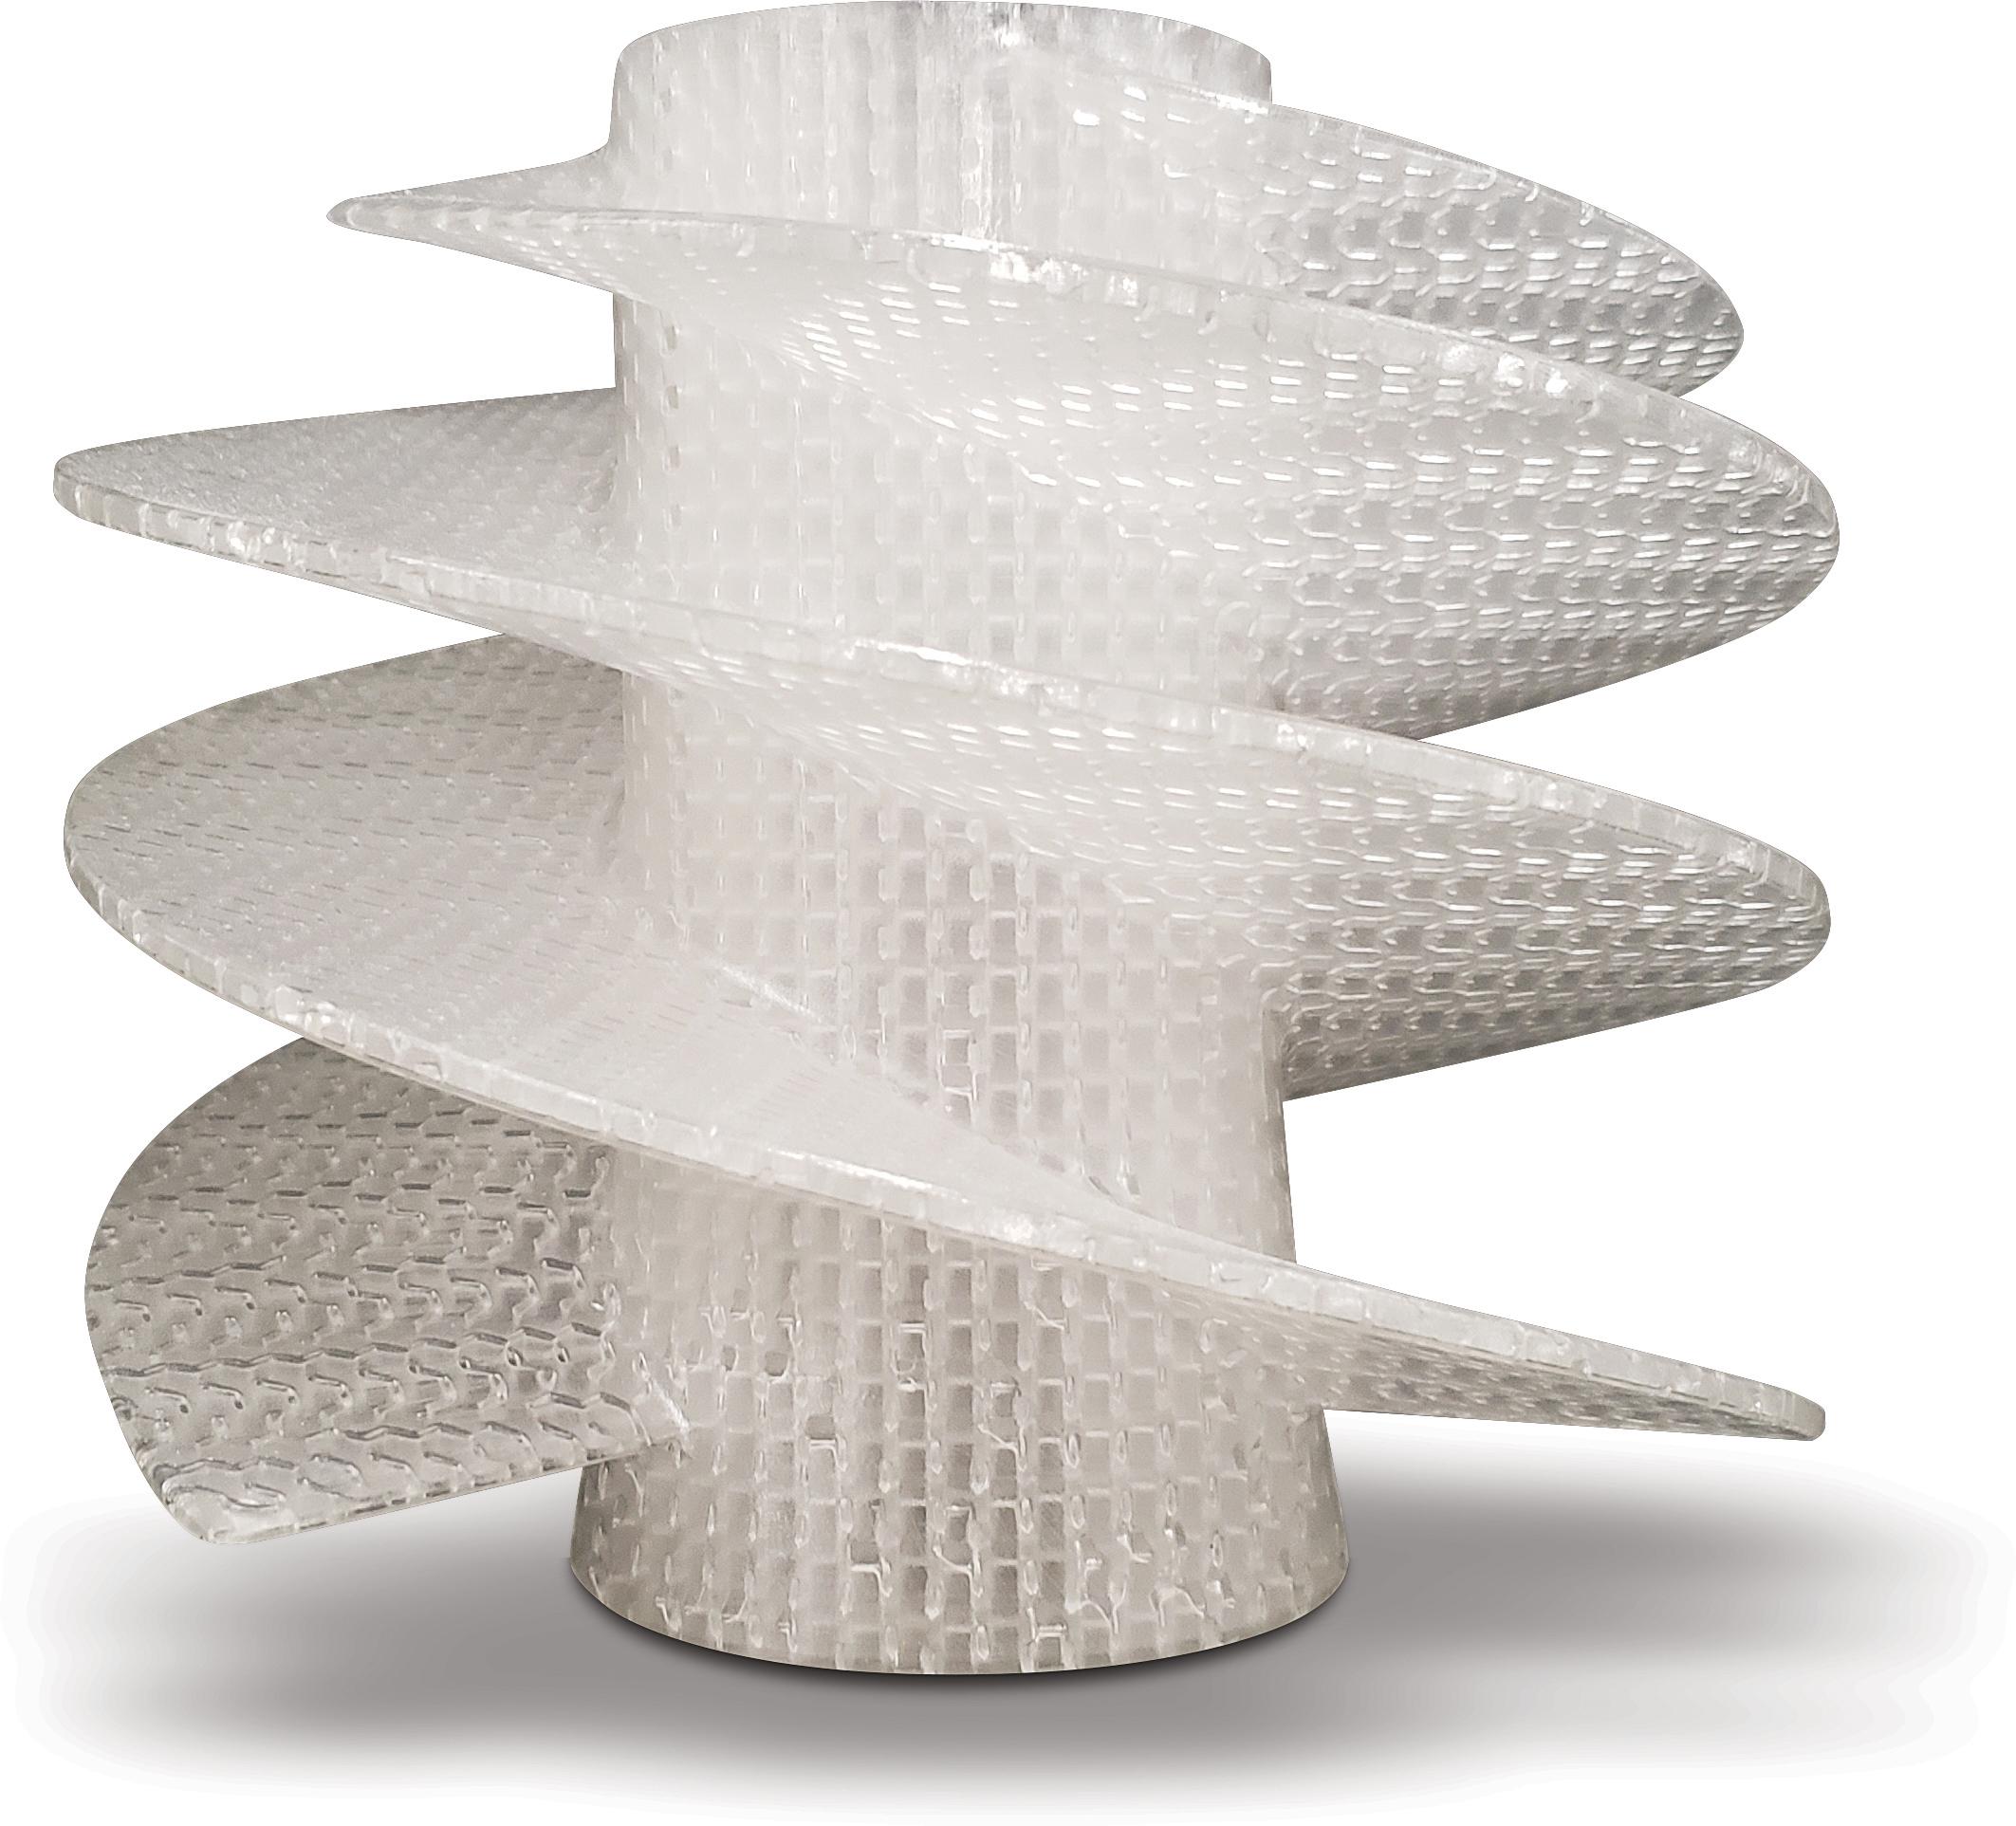 Davantage de matériaux chez 3D Systems